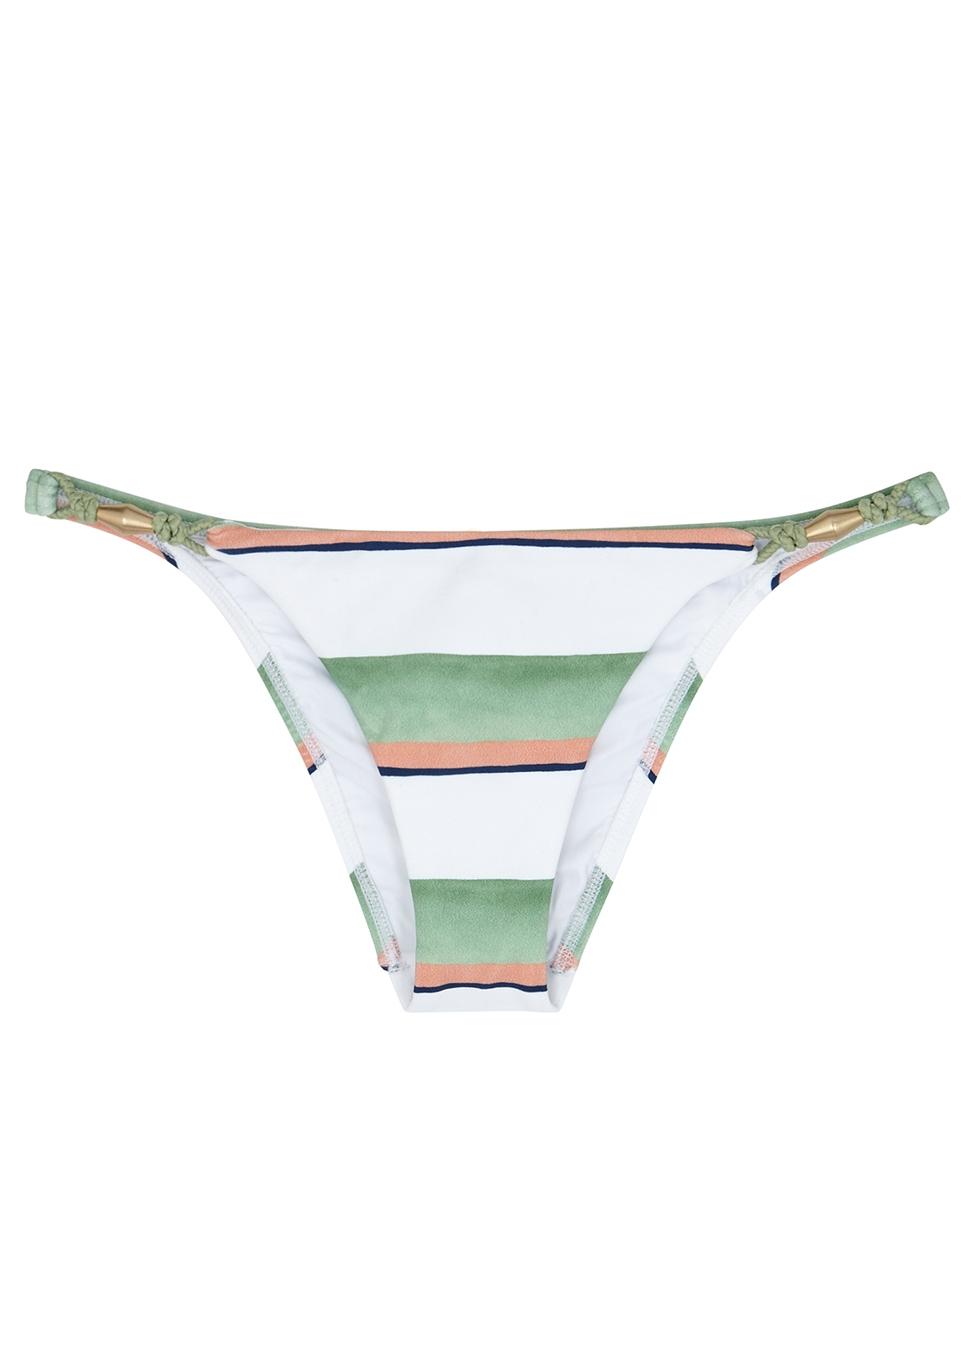 Calala Balloon striped bikini briefs - V i X Paula Hermanny